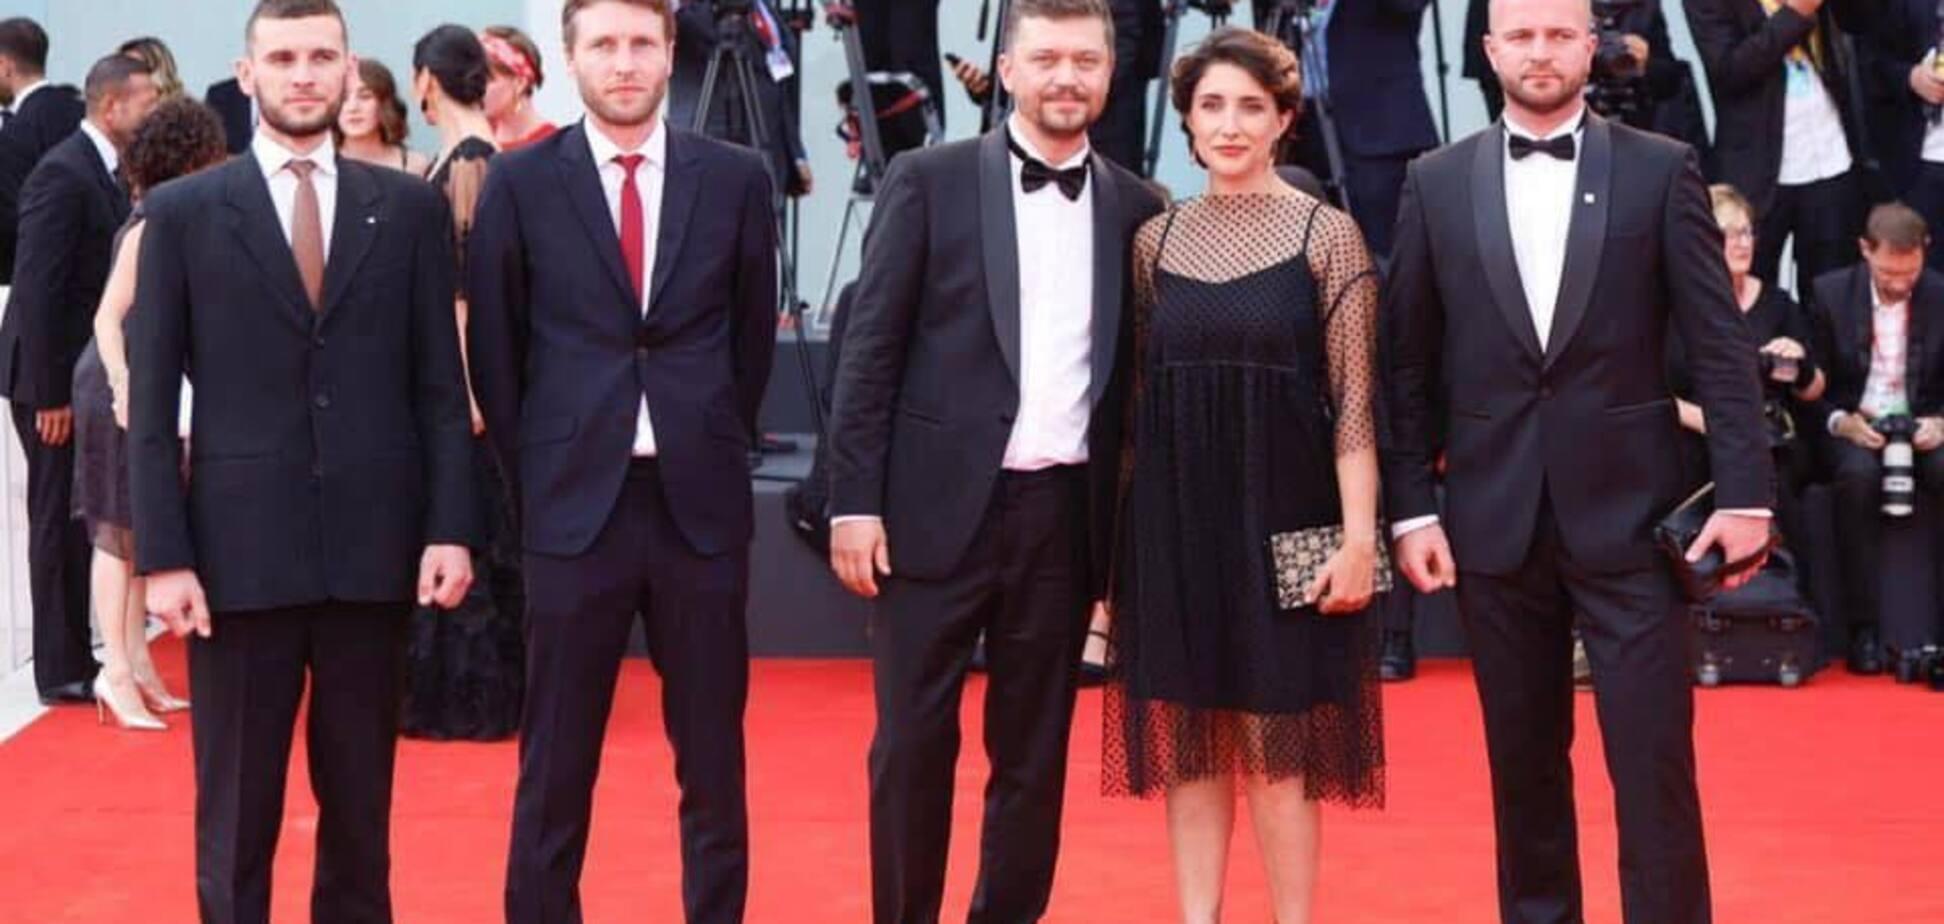 'Прапор піднято!' Україна здобула гучну перемогу на Венеціанському кінофестивалі